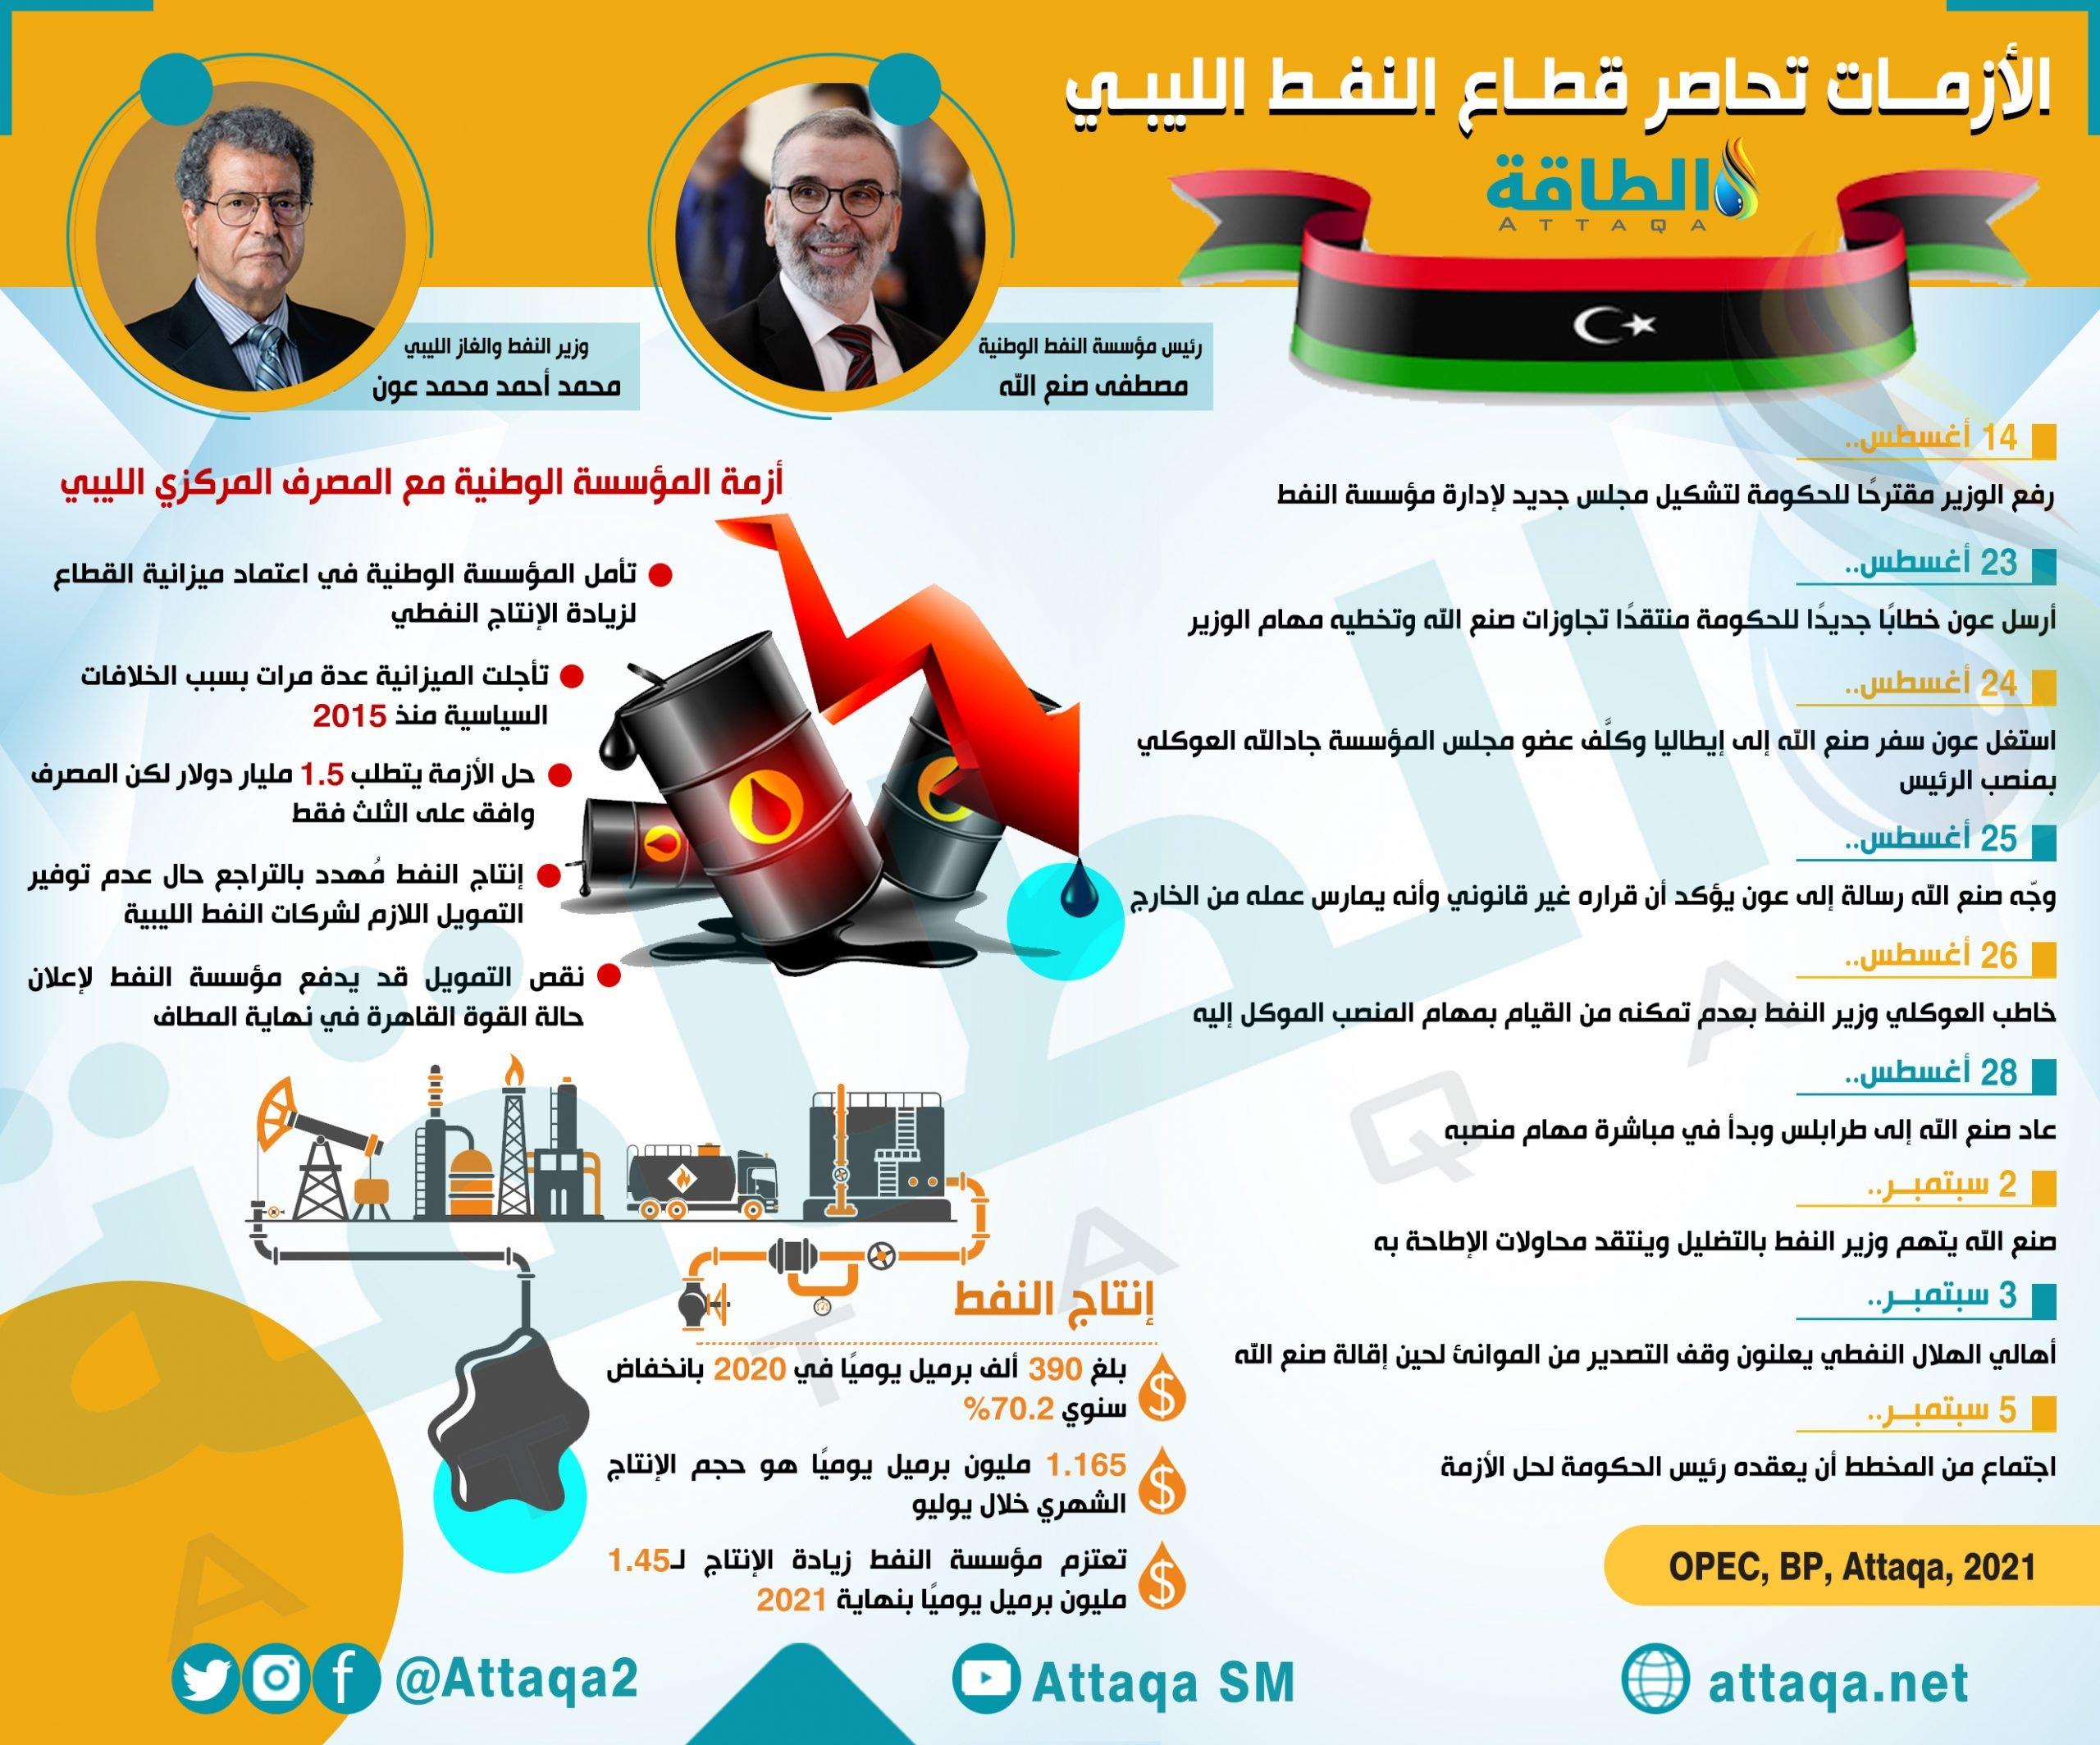 ليبيا- قطاع النفط الليبي - أزمة القيادة